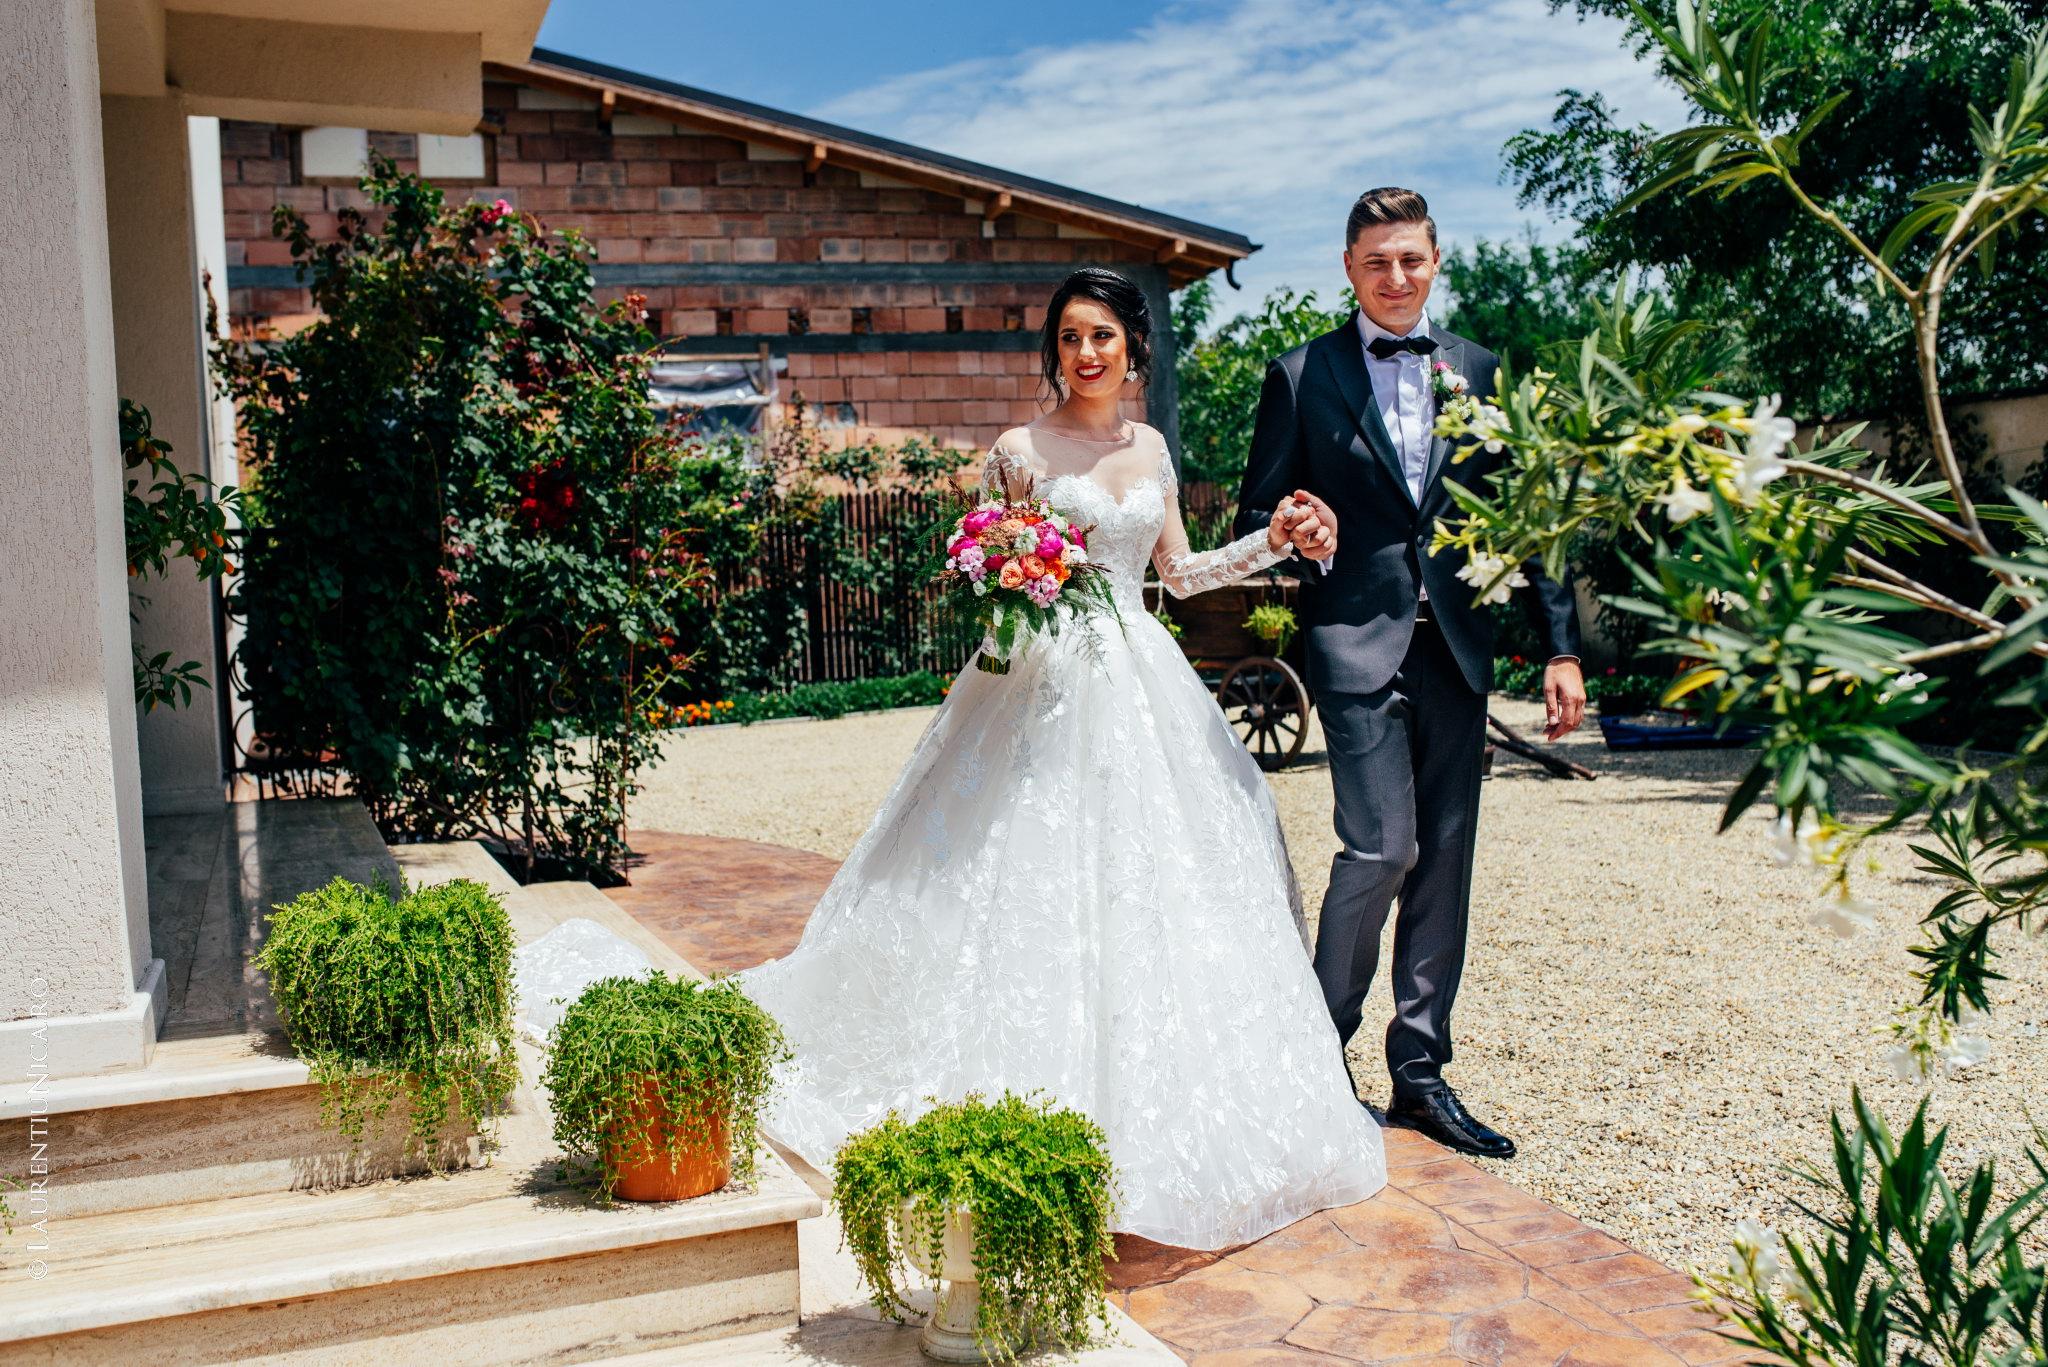 fotografii nunta denisa si florin craiova 50 - Denisa & Florin | Fotografii nunta | Craiova